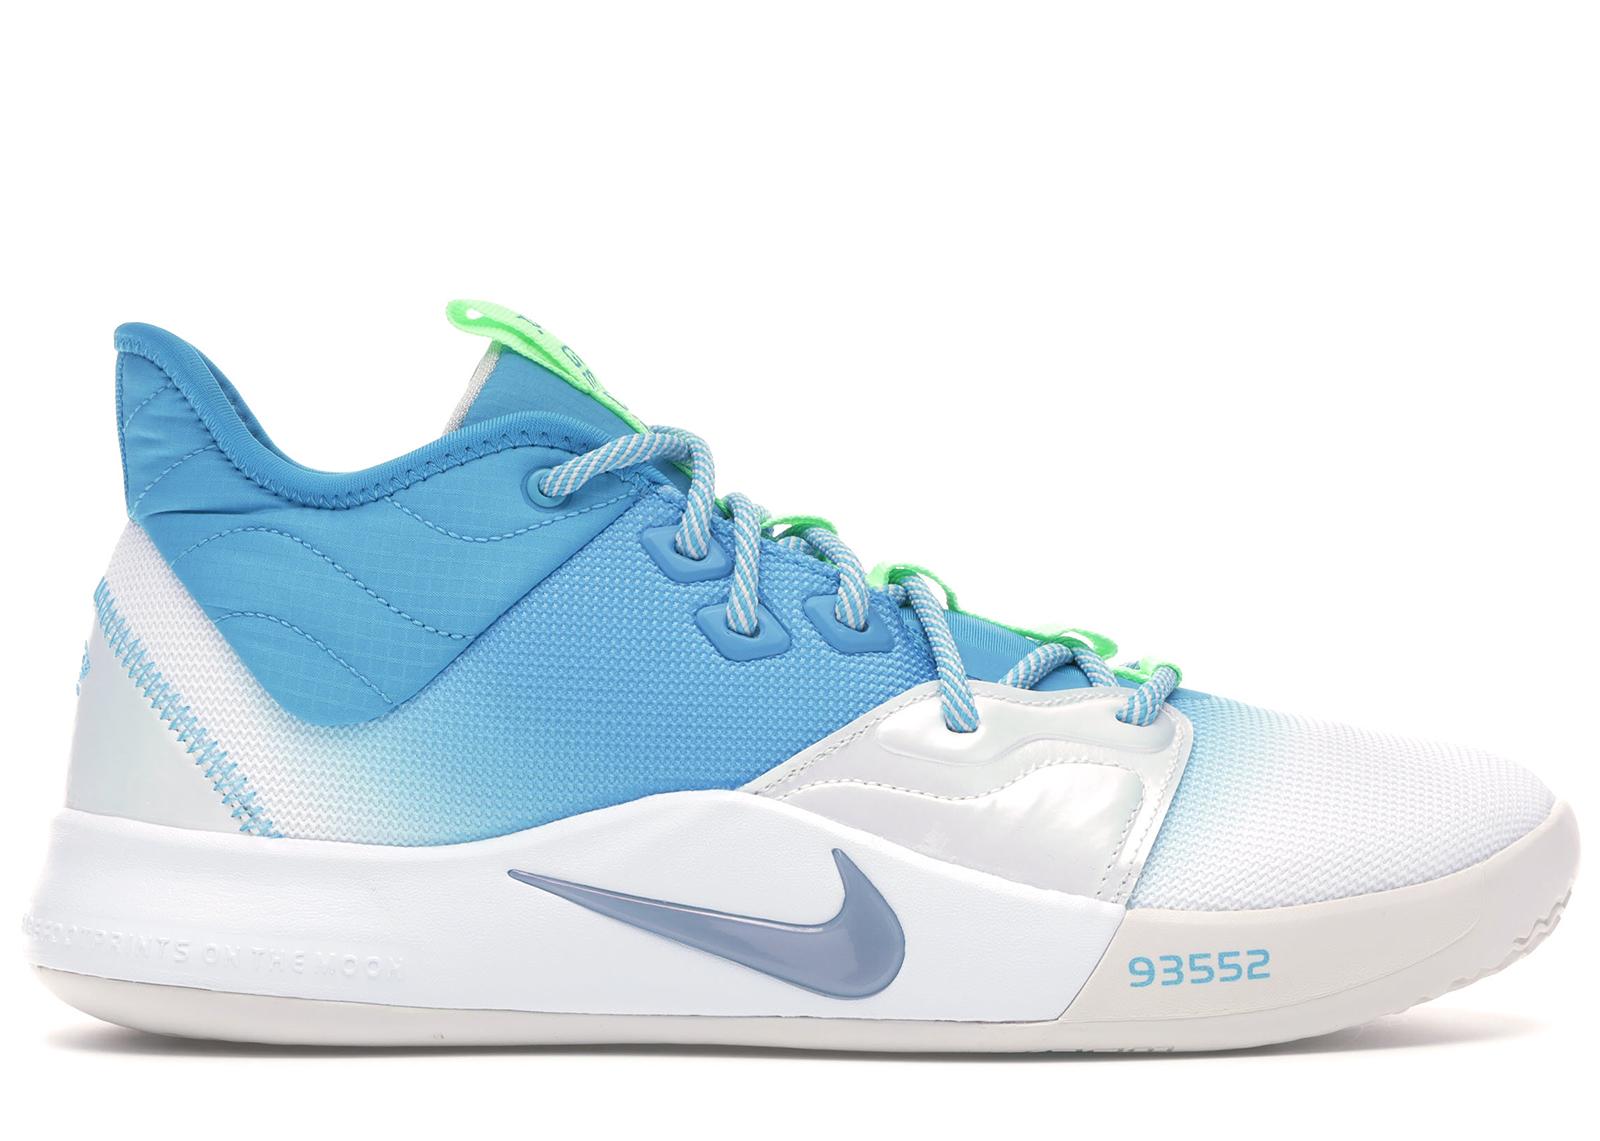 Nike PG 3 Lure - AO2607-005